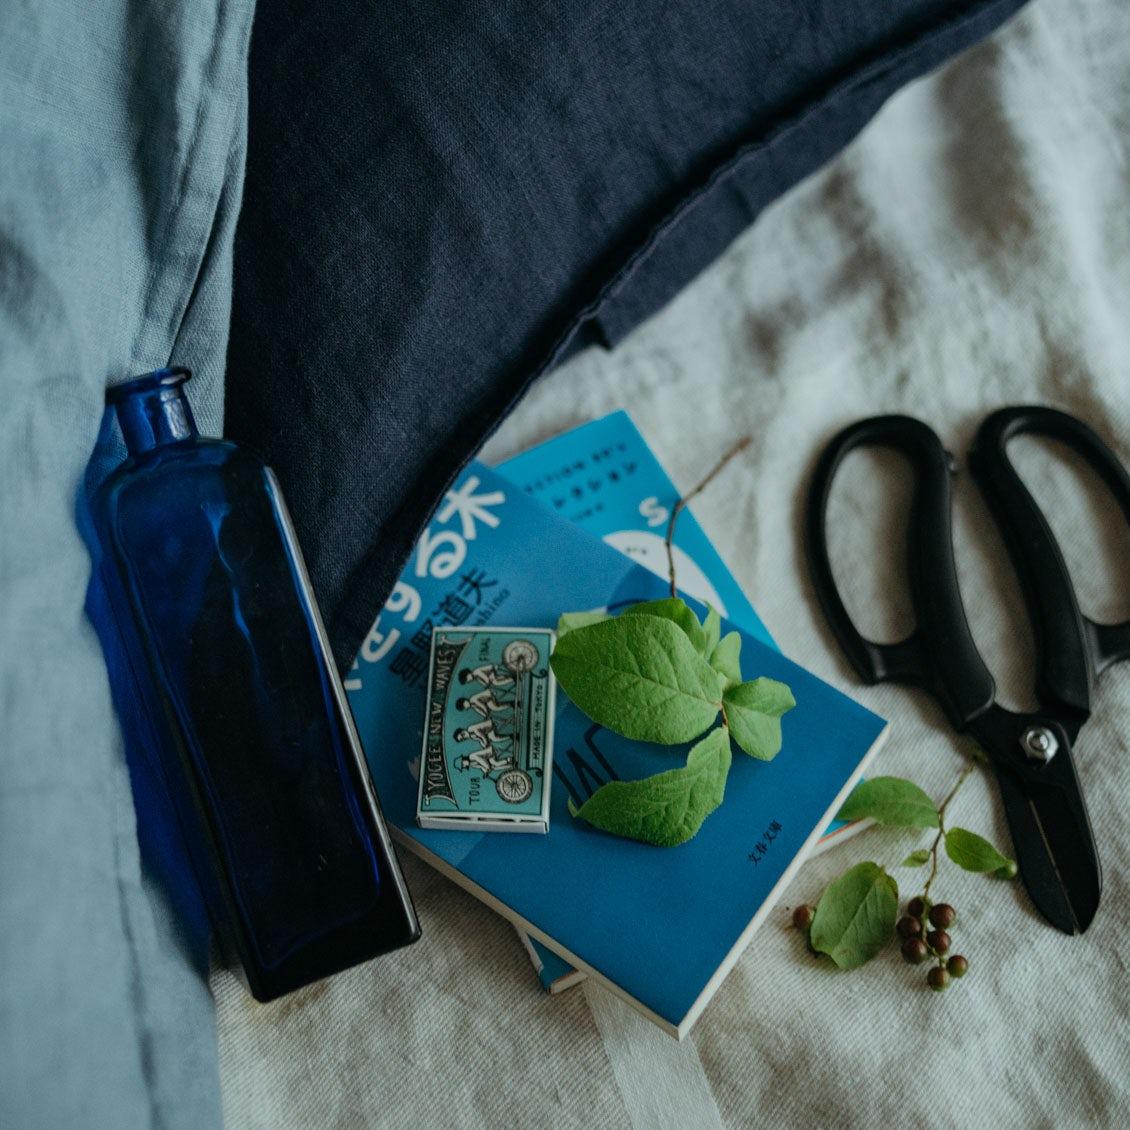 【夏の夜にしたいこと】第2夜:熱帯夜を乗り越える、クリーンでグリーンな寝室づくり